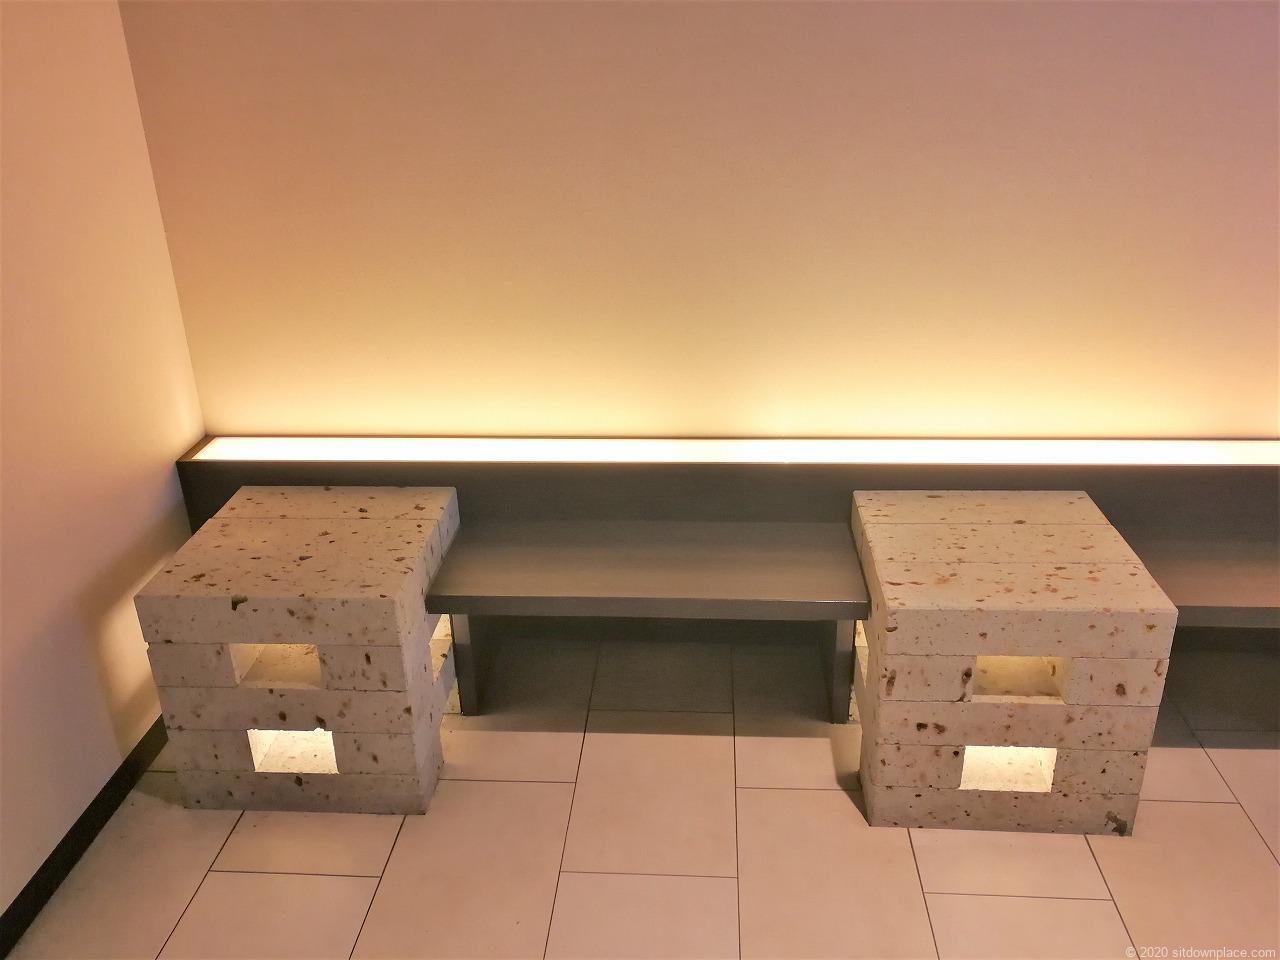 宇都宮駅パセオ3Fエレベーター前の休憩場所のベンチ